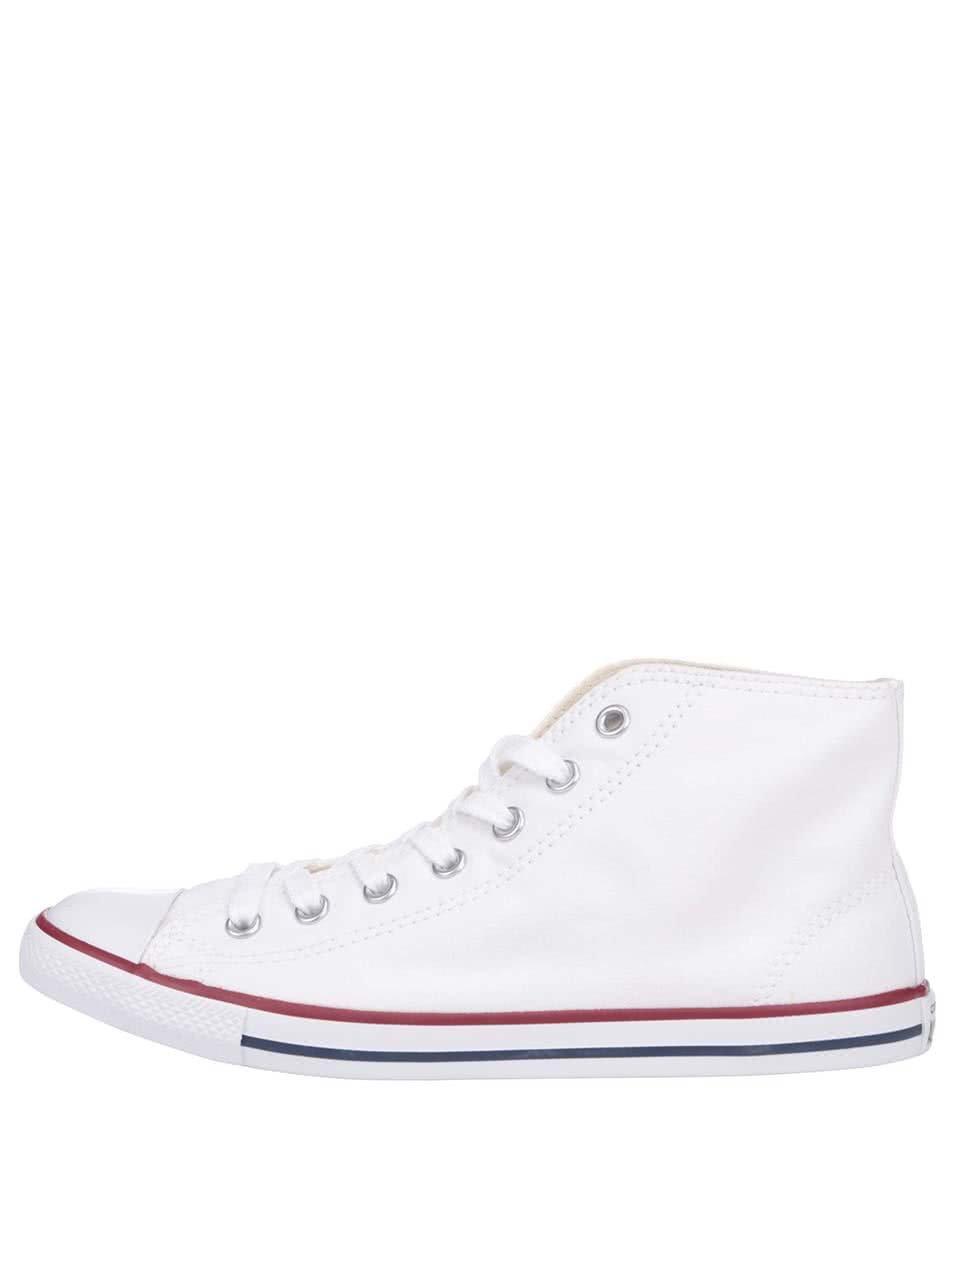 Bílé dámské kotníčkové tenisky Converse Chuck Taylor All Star Dainty